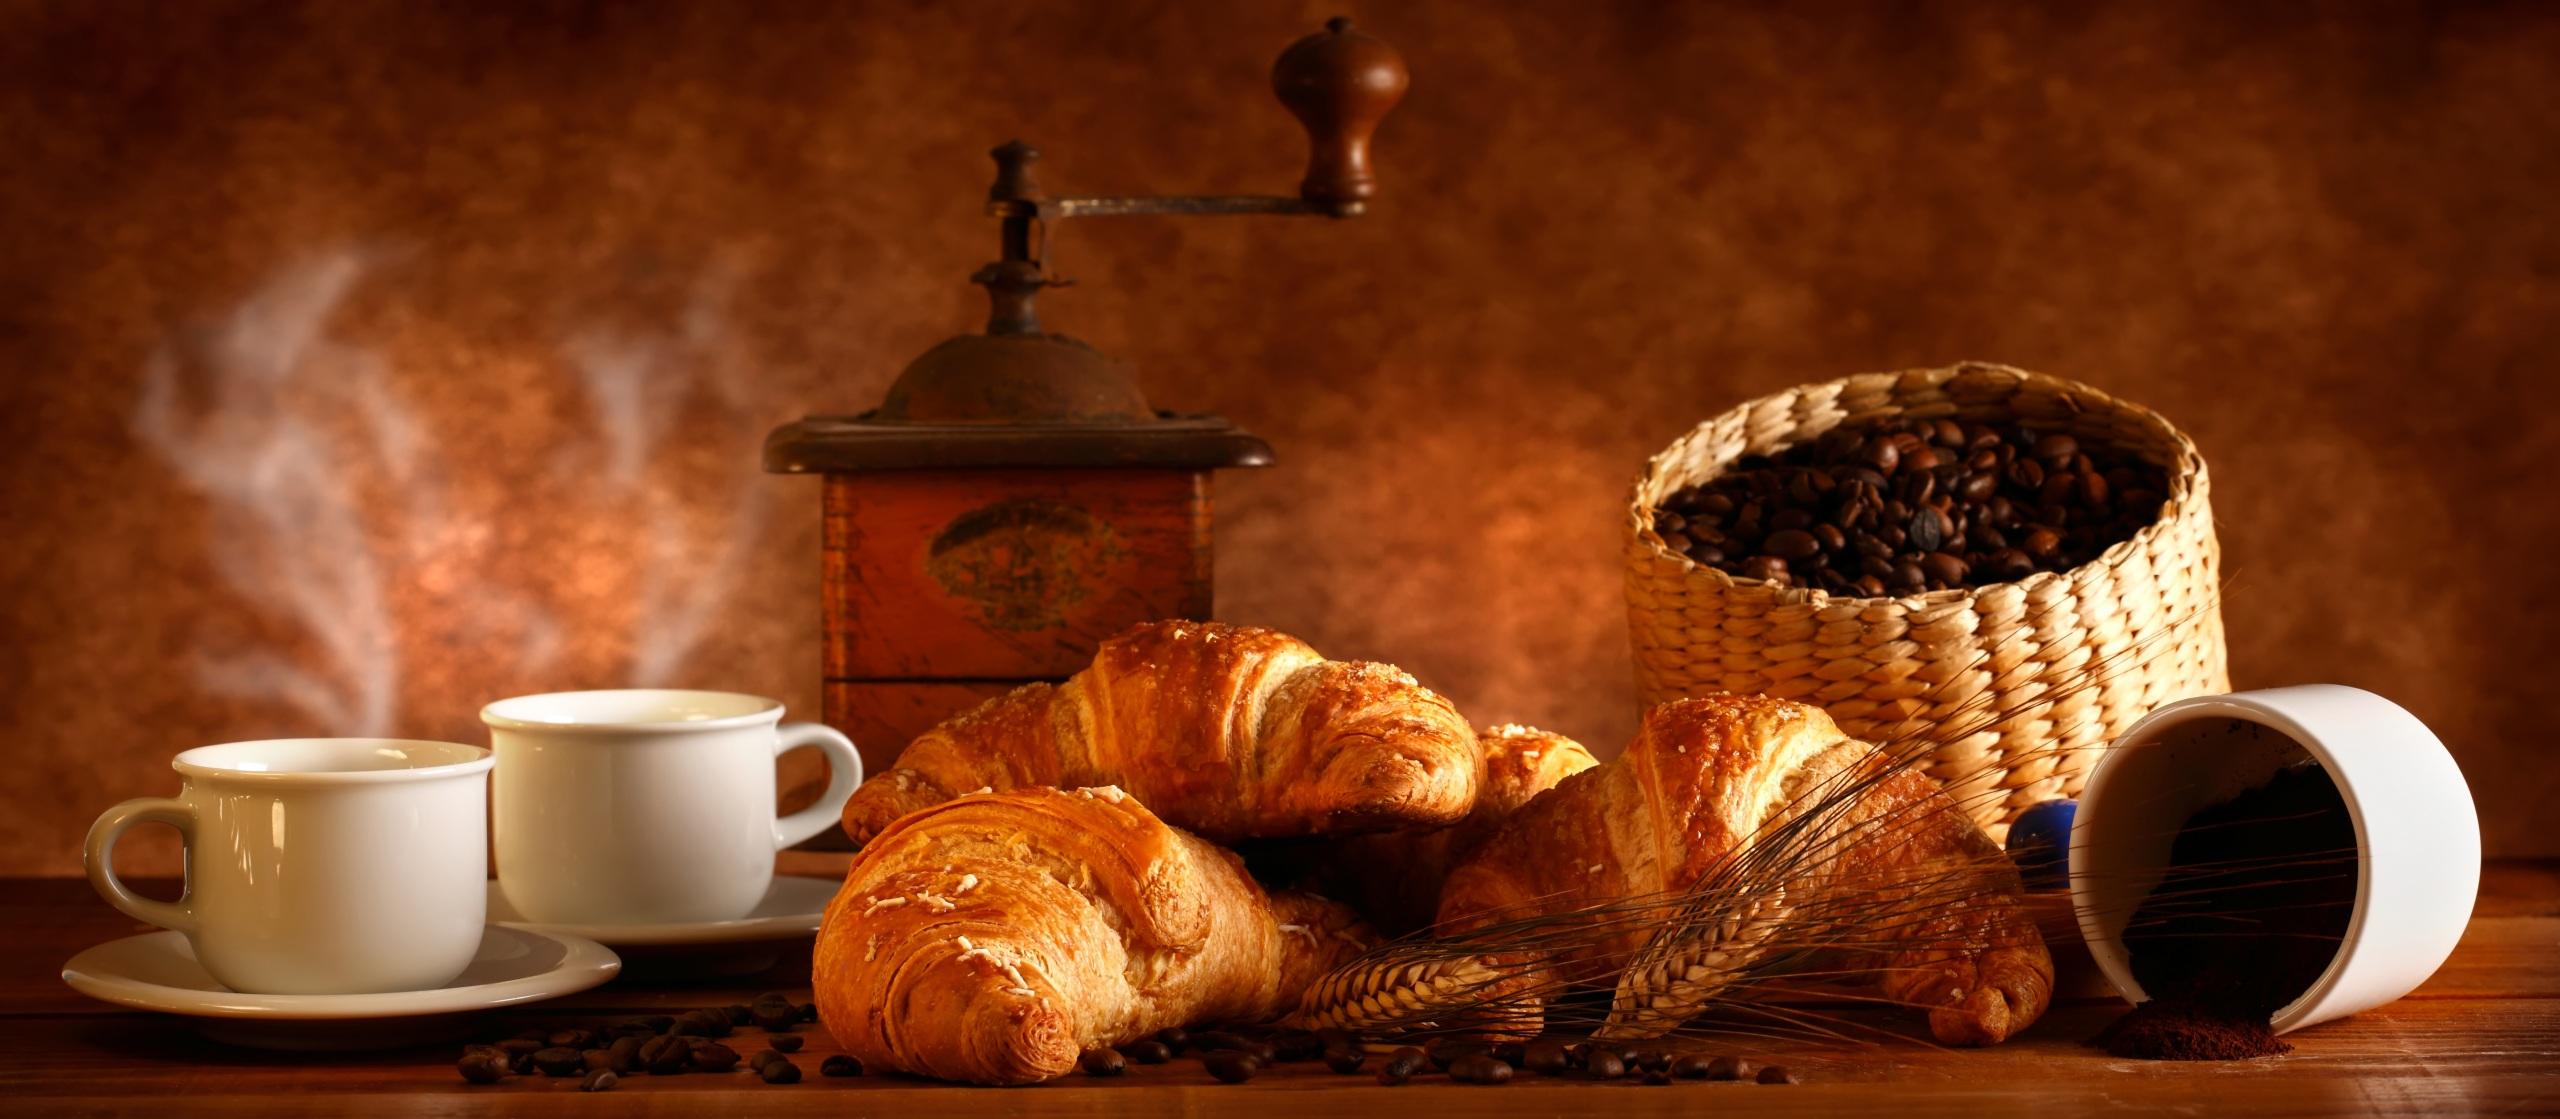 еда круасаны кофе зерна без смс